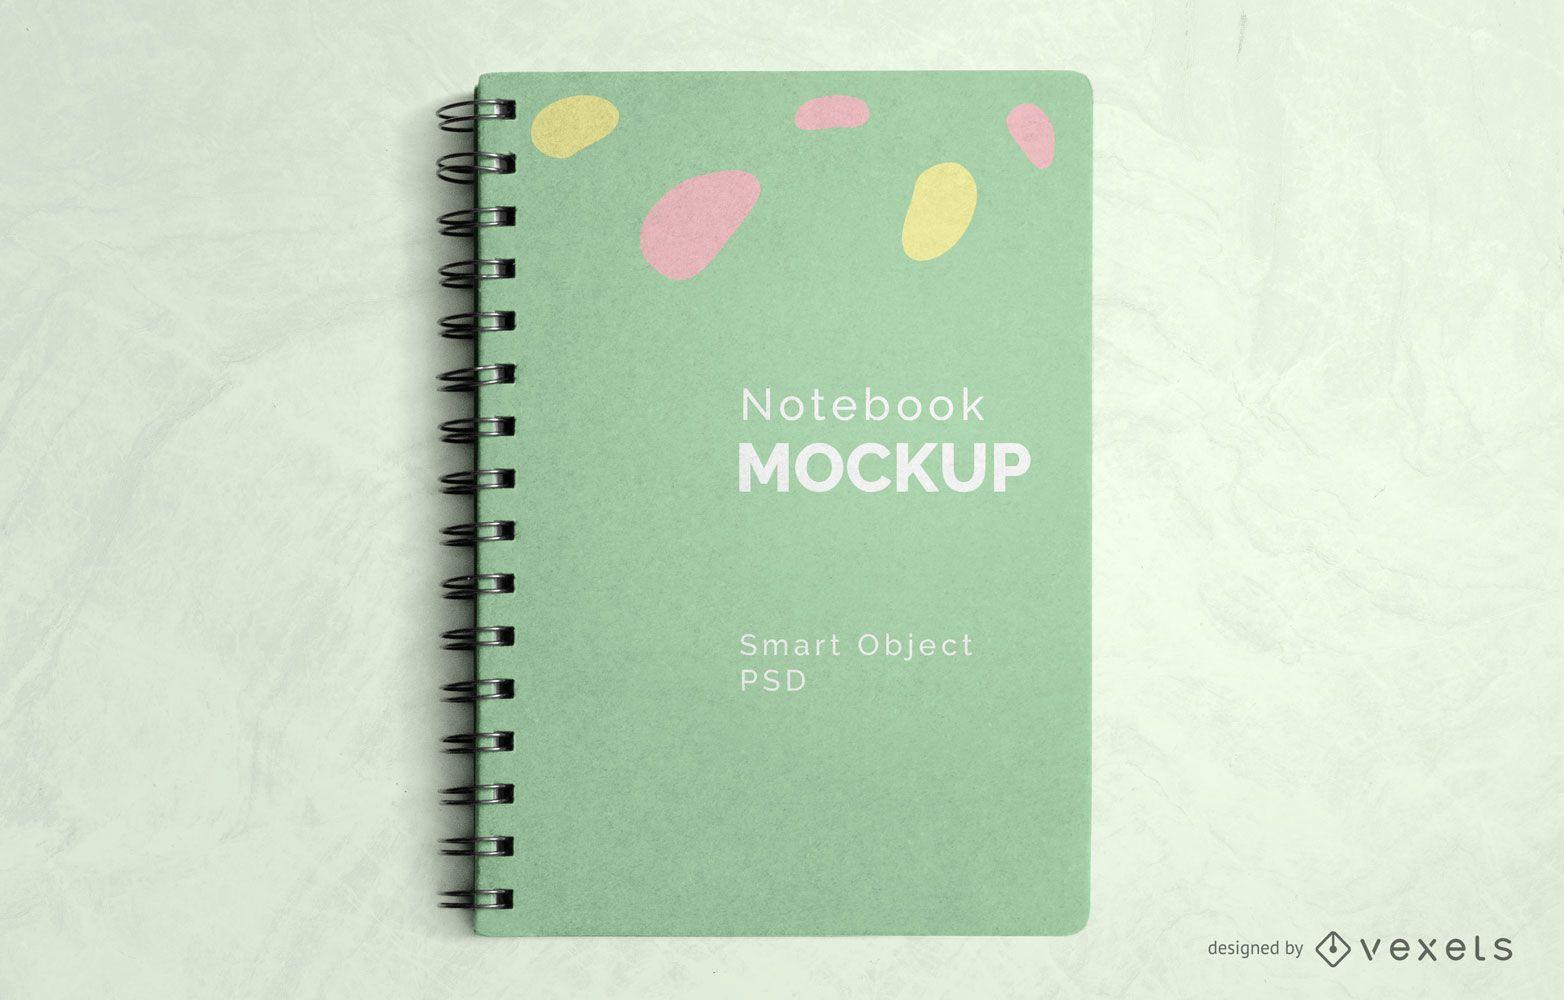 Mockup de cuaderno espiral psd